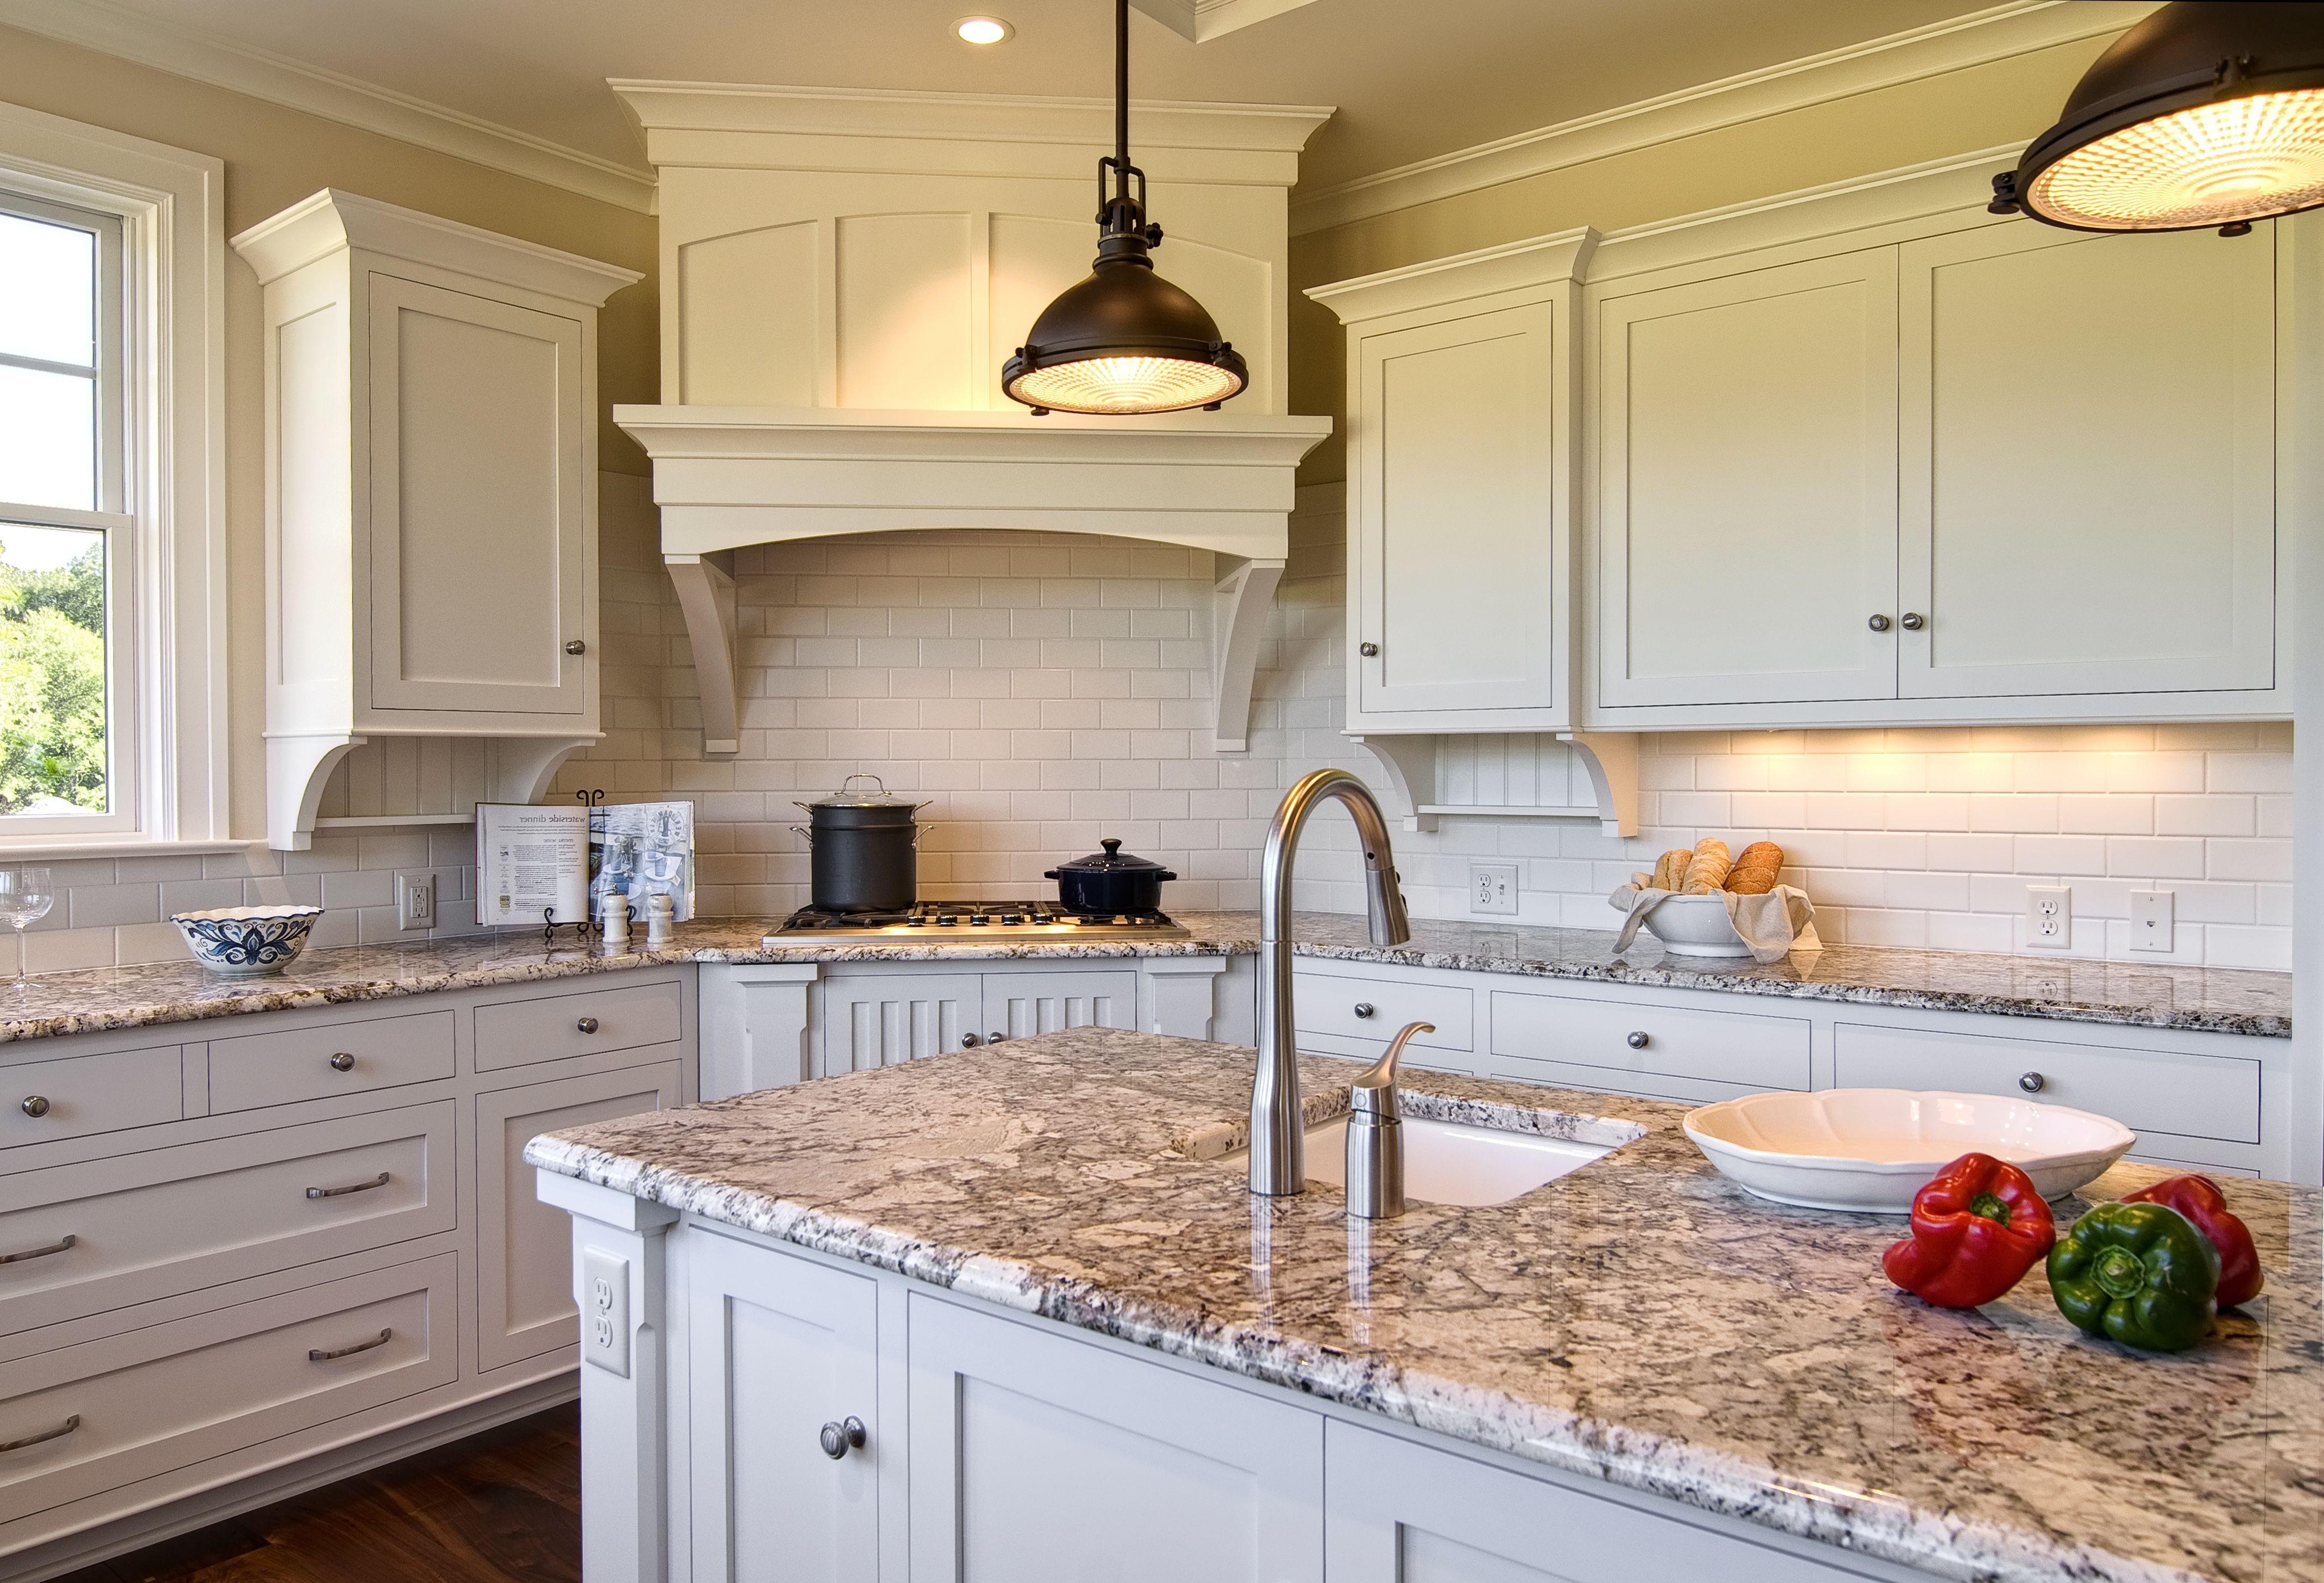 Image result for pink beach kitchen beach house kitchen